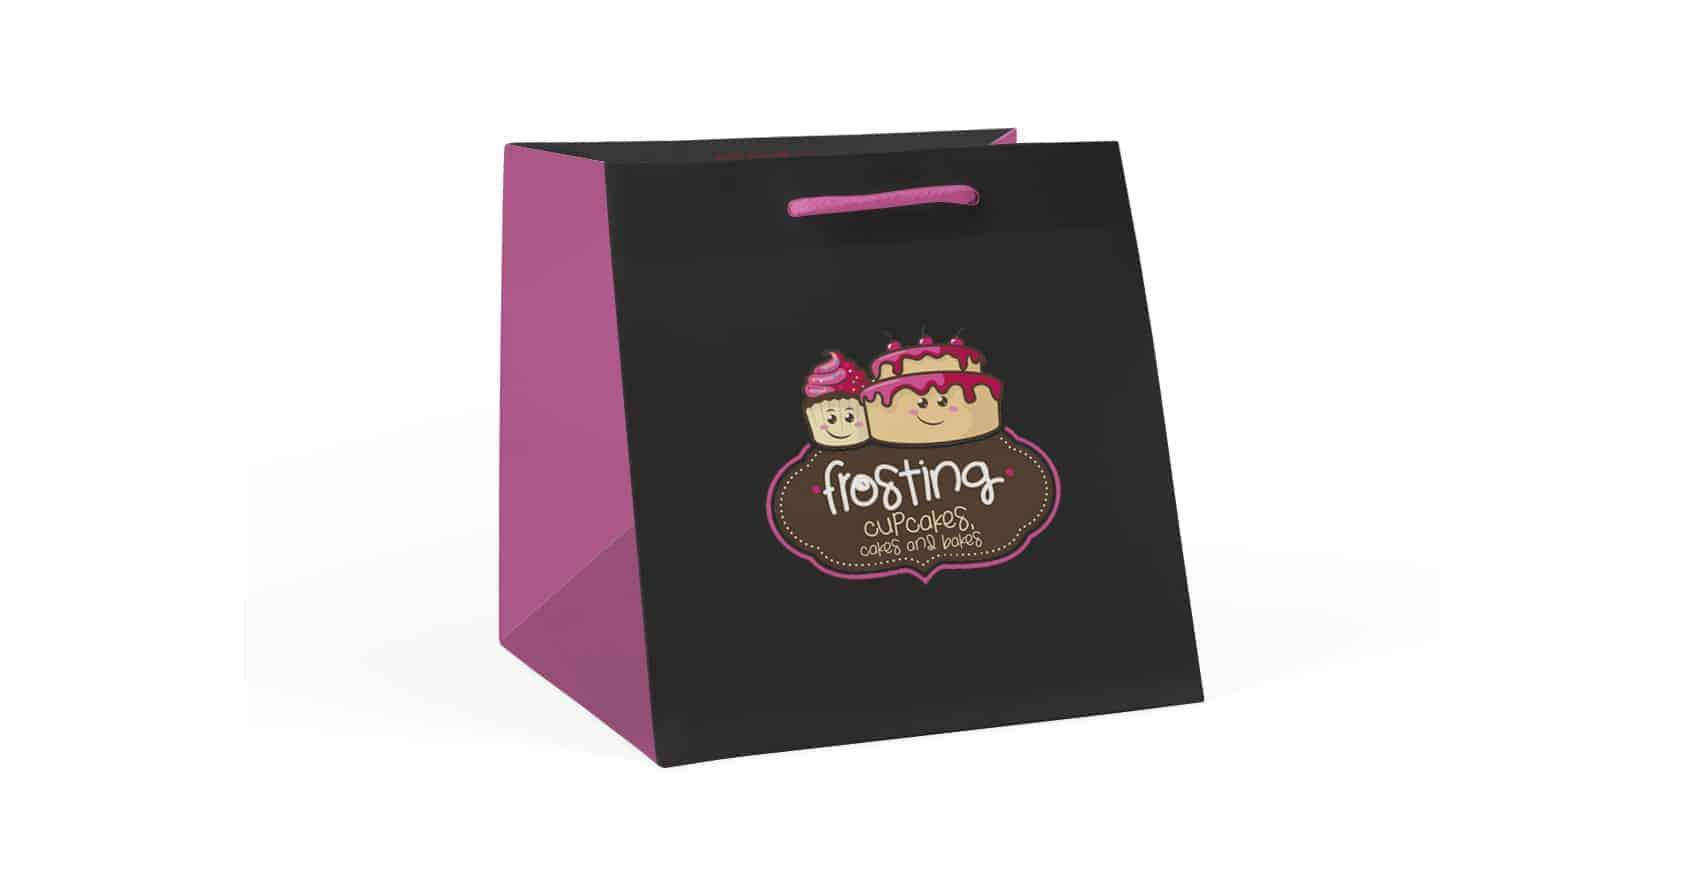 Frosting Cupcakes Custom Branded Wide Bags / Printed Flower & Cake Bags